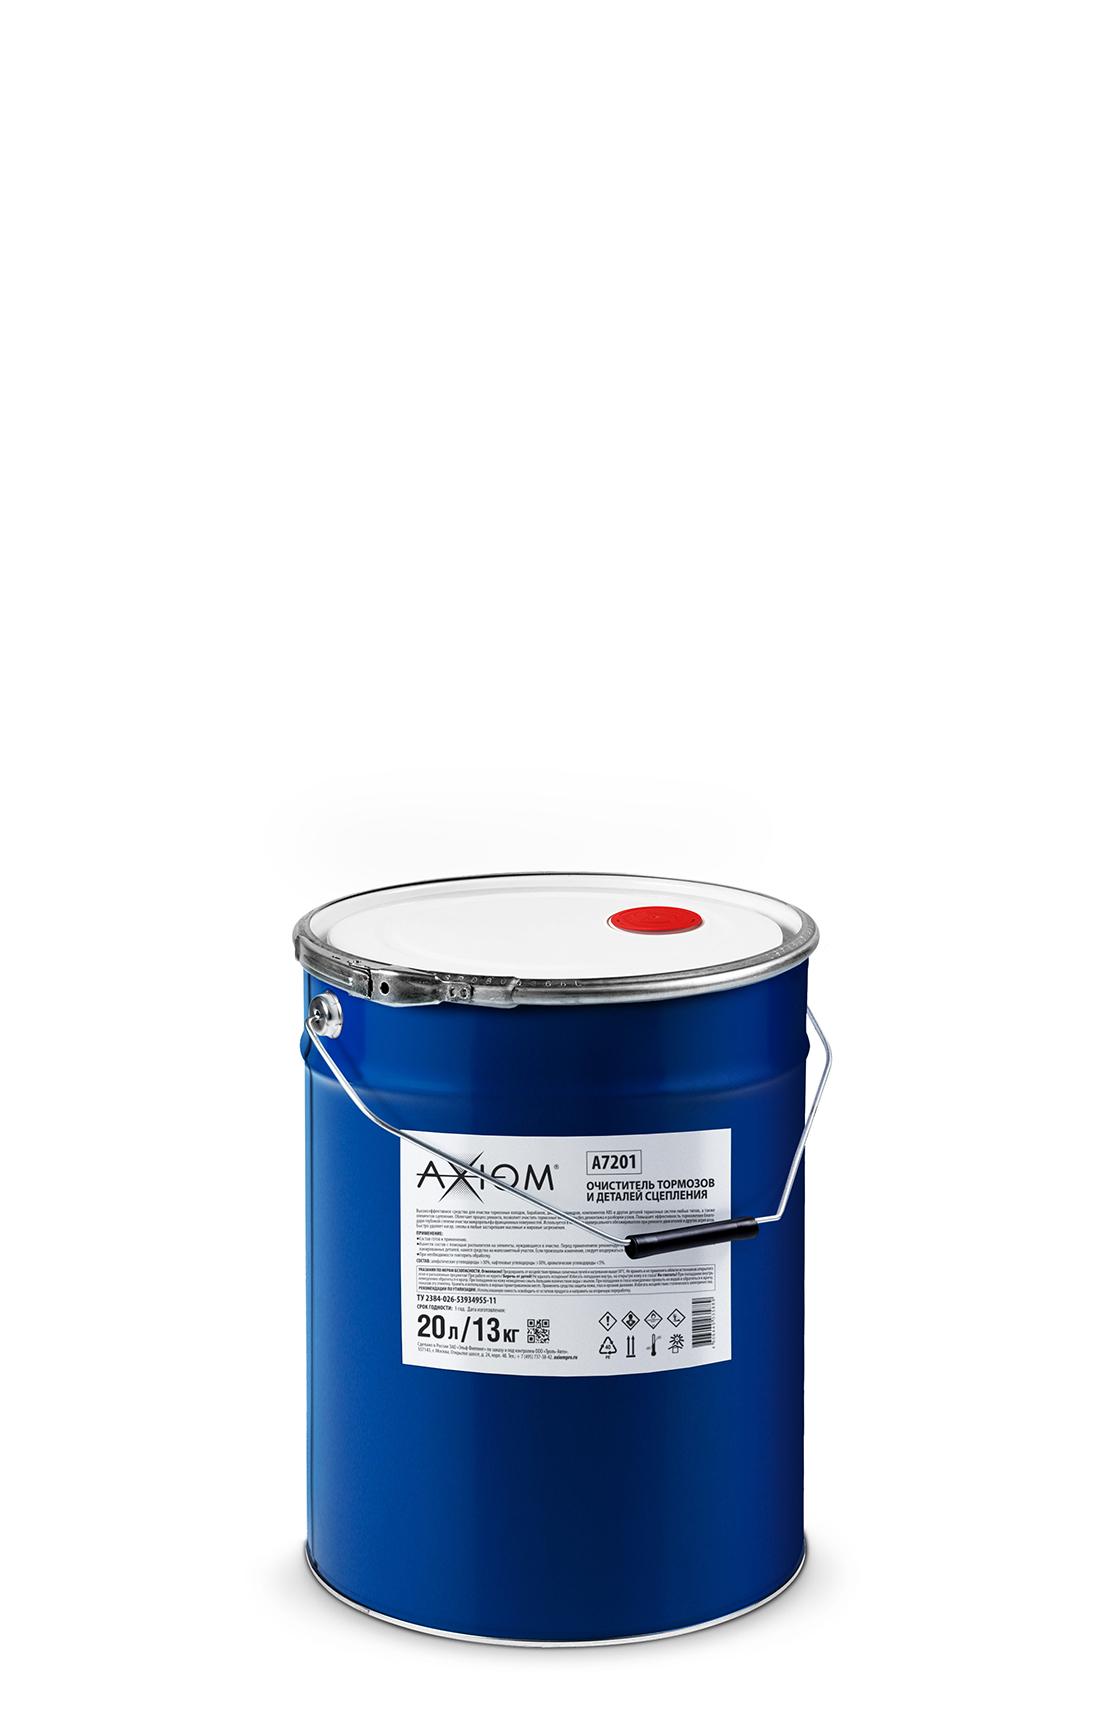 Очиститель тормозов и деталей сцепления 20 л13 кг. AXIOM (A7201)